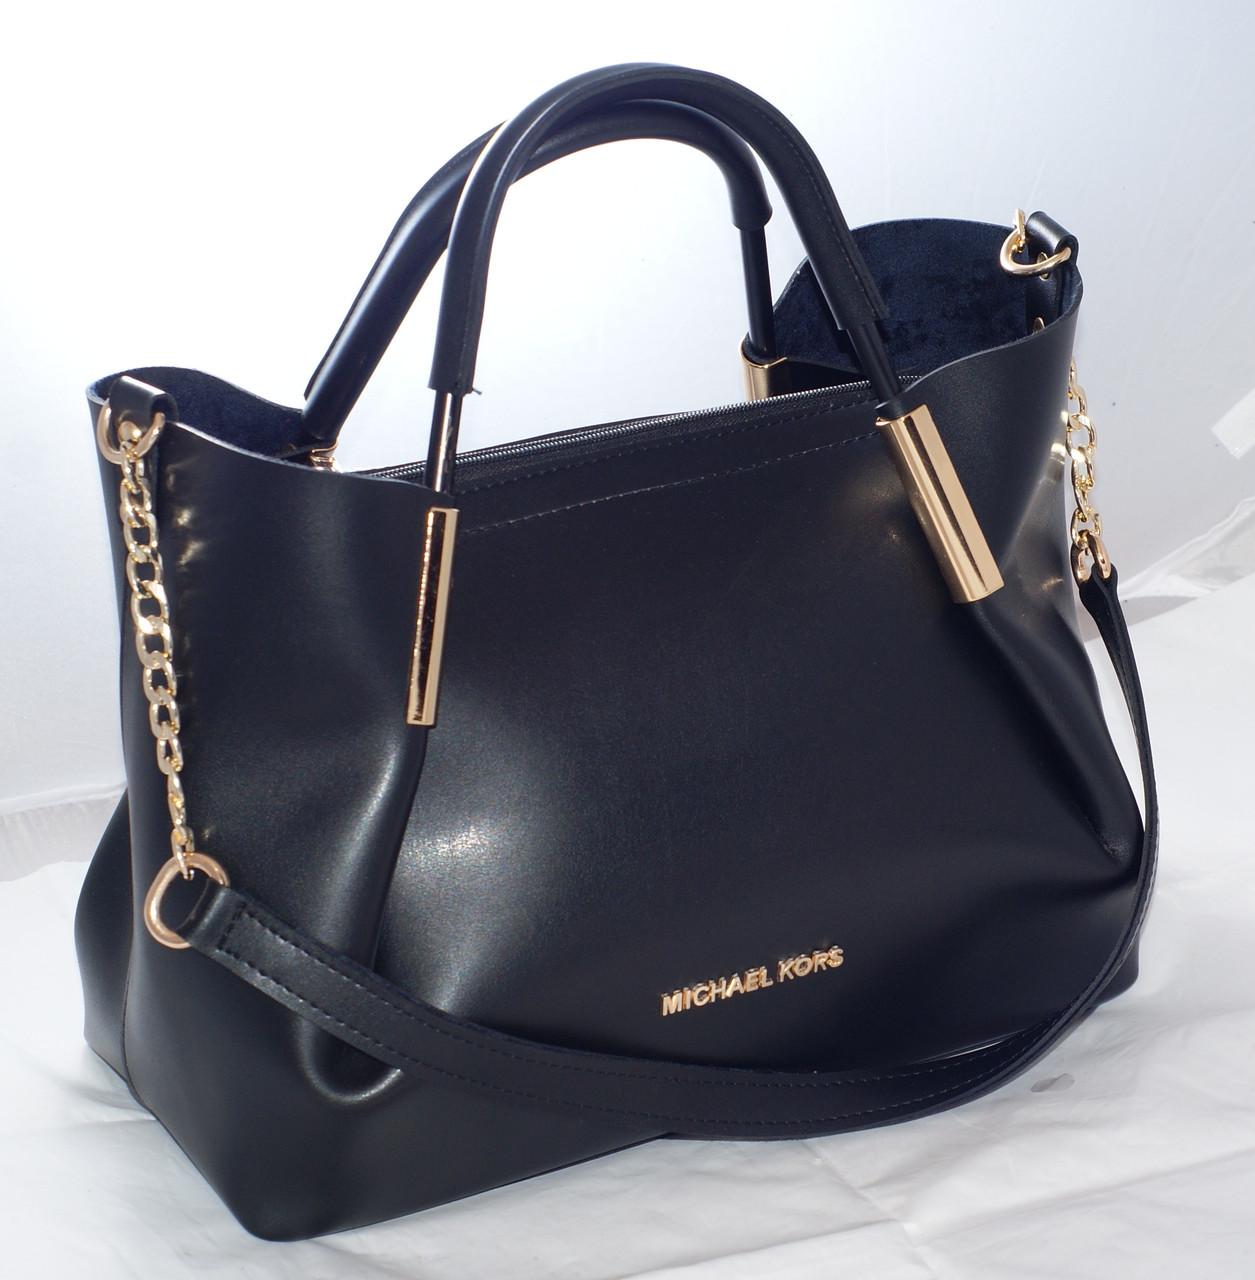 783446977ba6 Женская сумка Michael Kors (Майкл Корс) с отстёгивающейся косметичкой,  черная